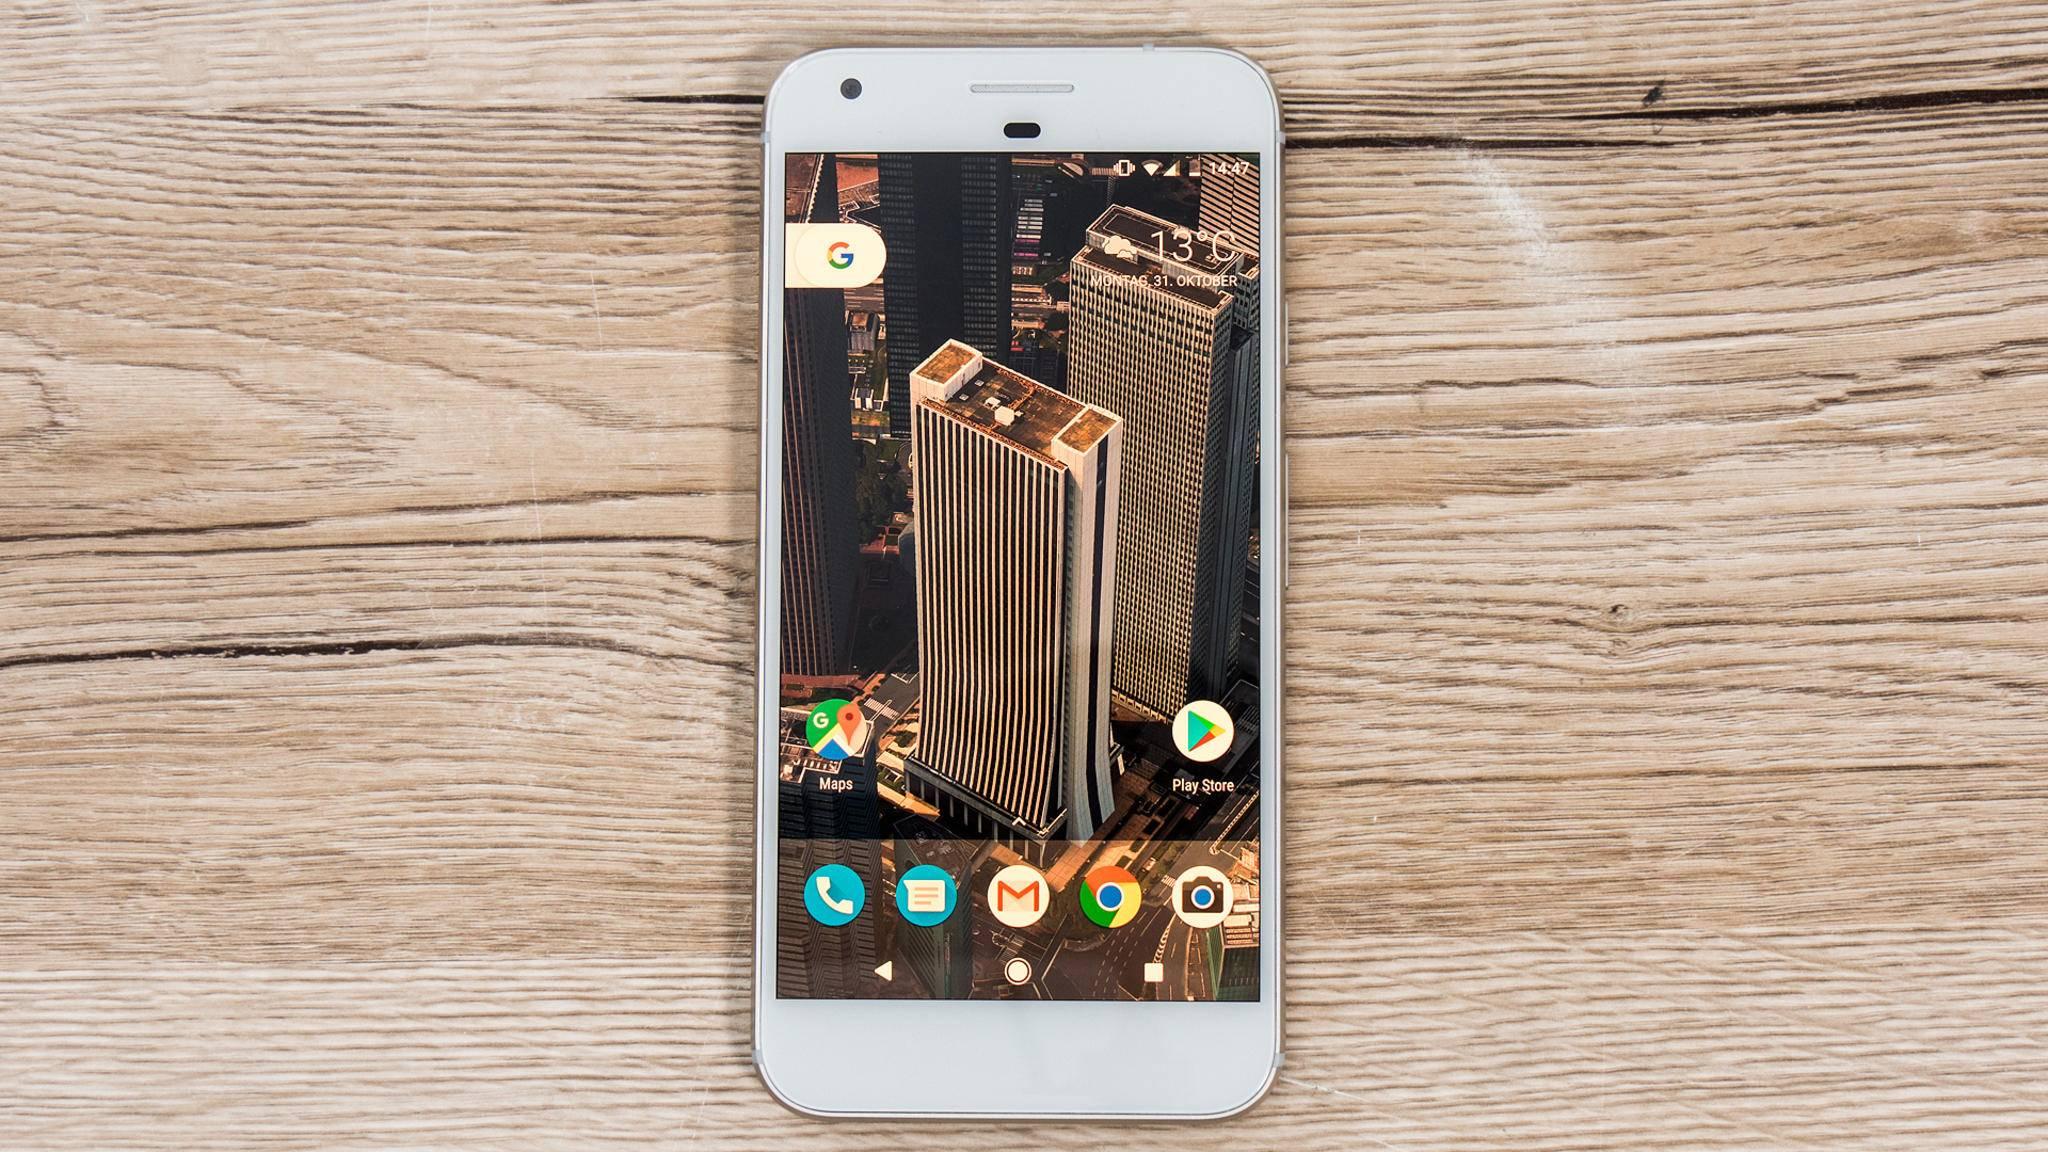 Das Google Pixel hat einen Kopfhöreranschluss, der Nachfolger vermutlich nicht mehr.